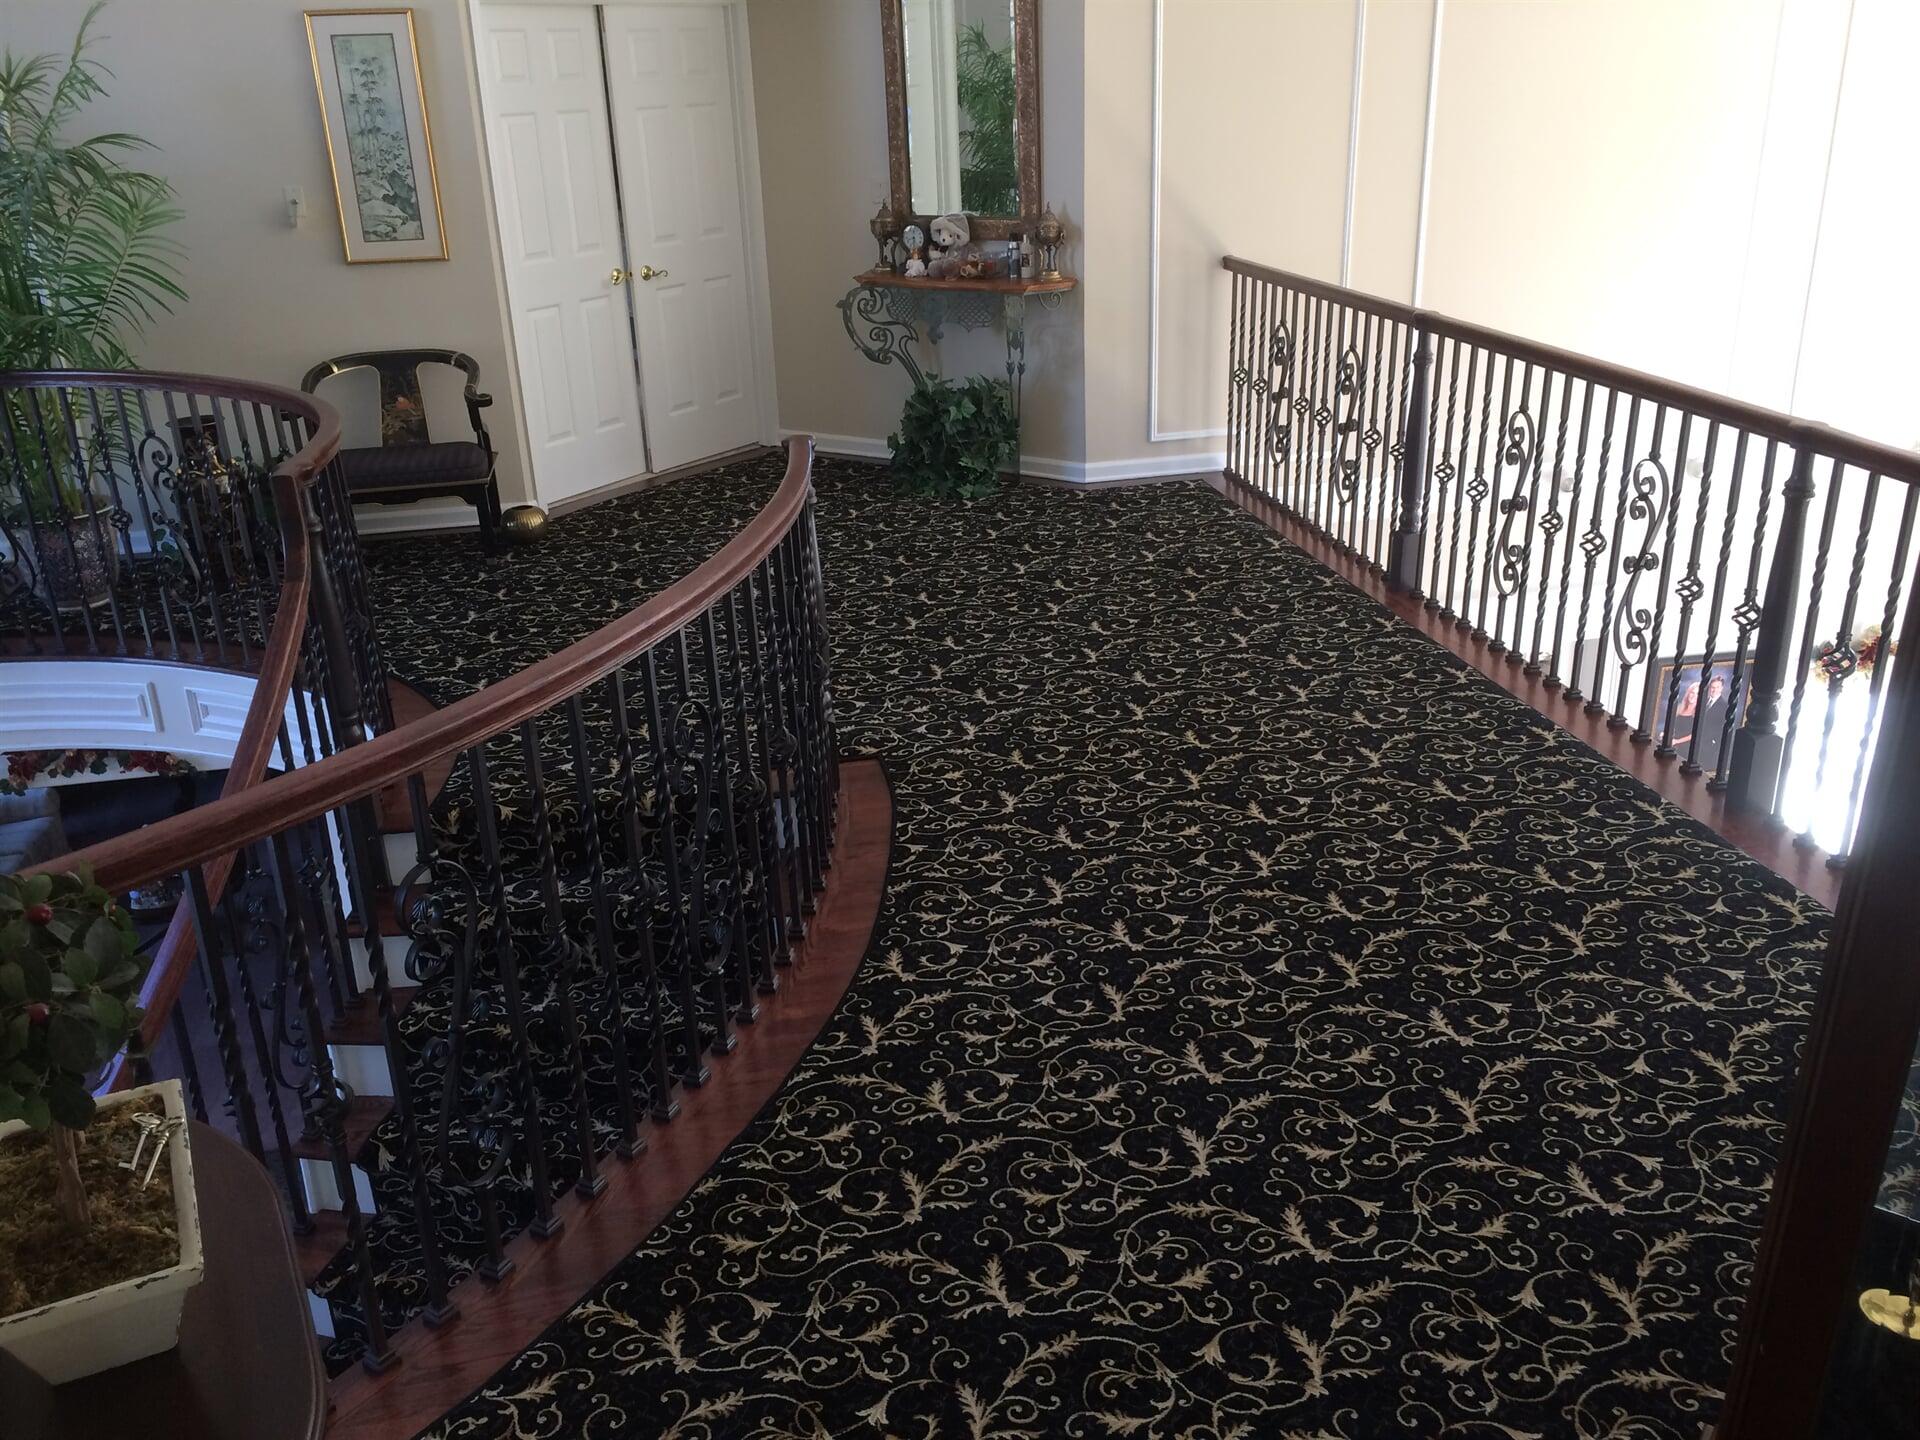 Hallway runner in Howell, NJ from Carpet Yard